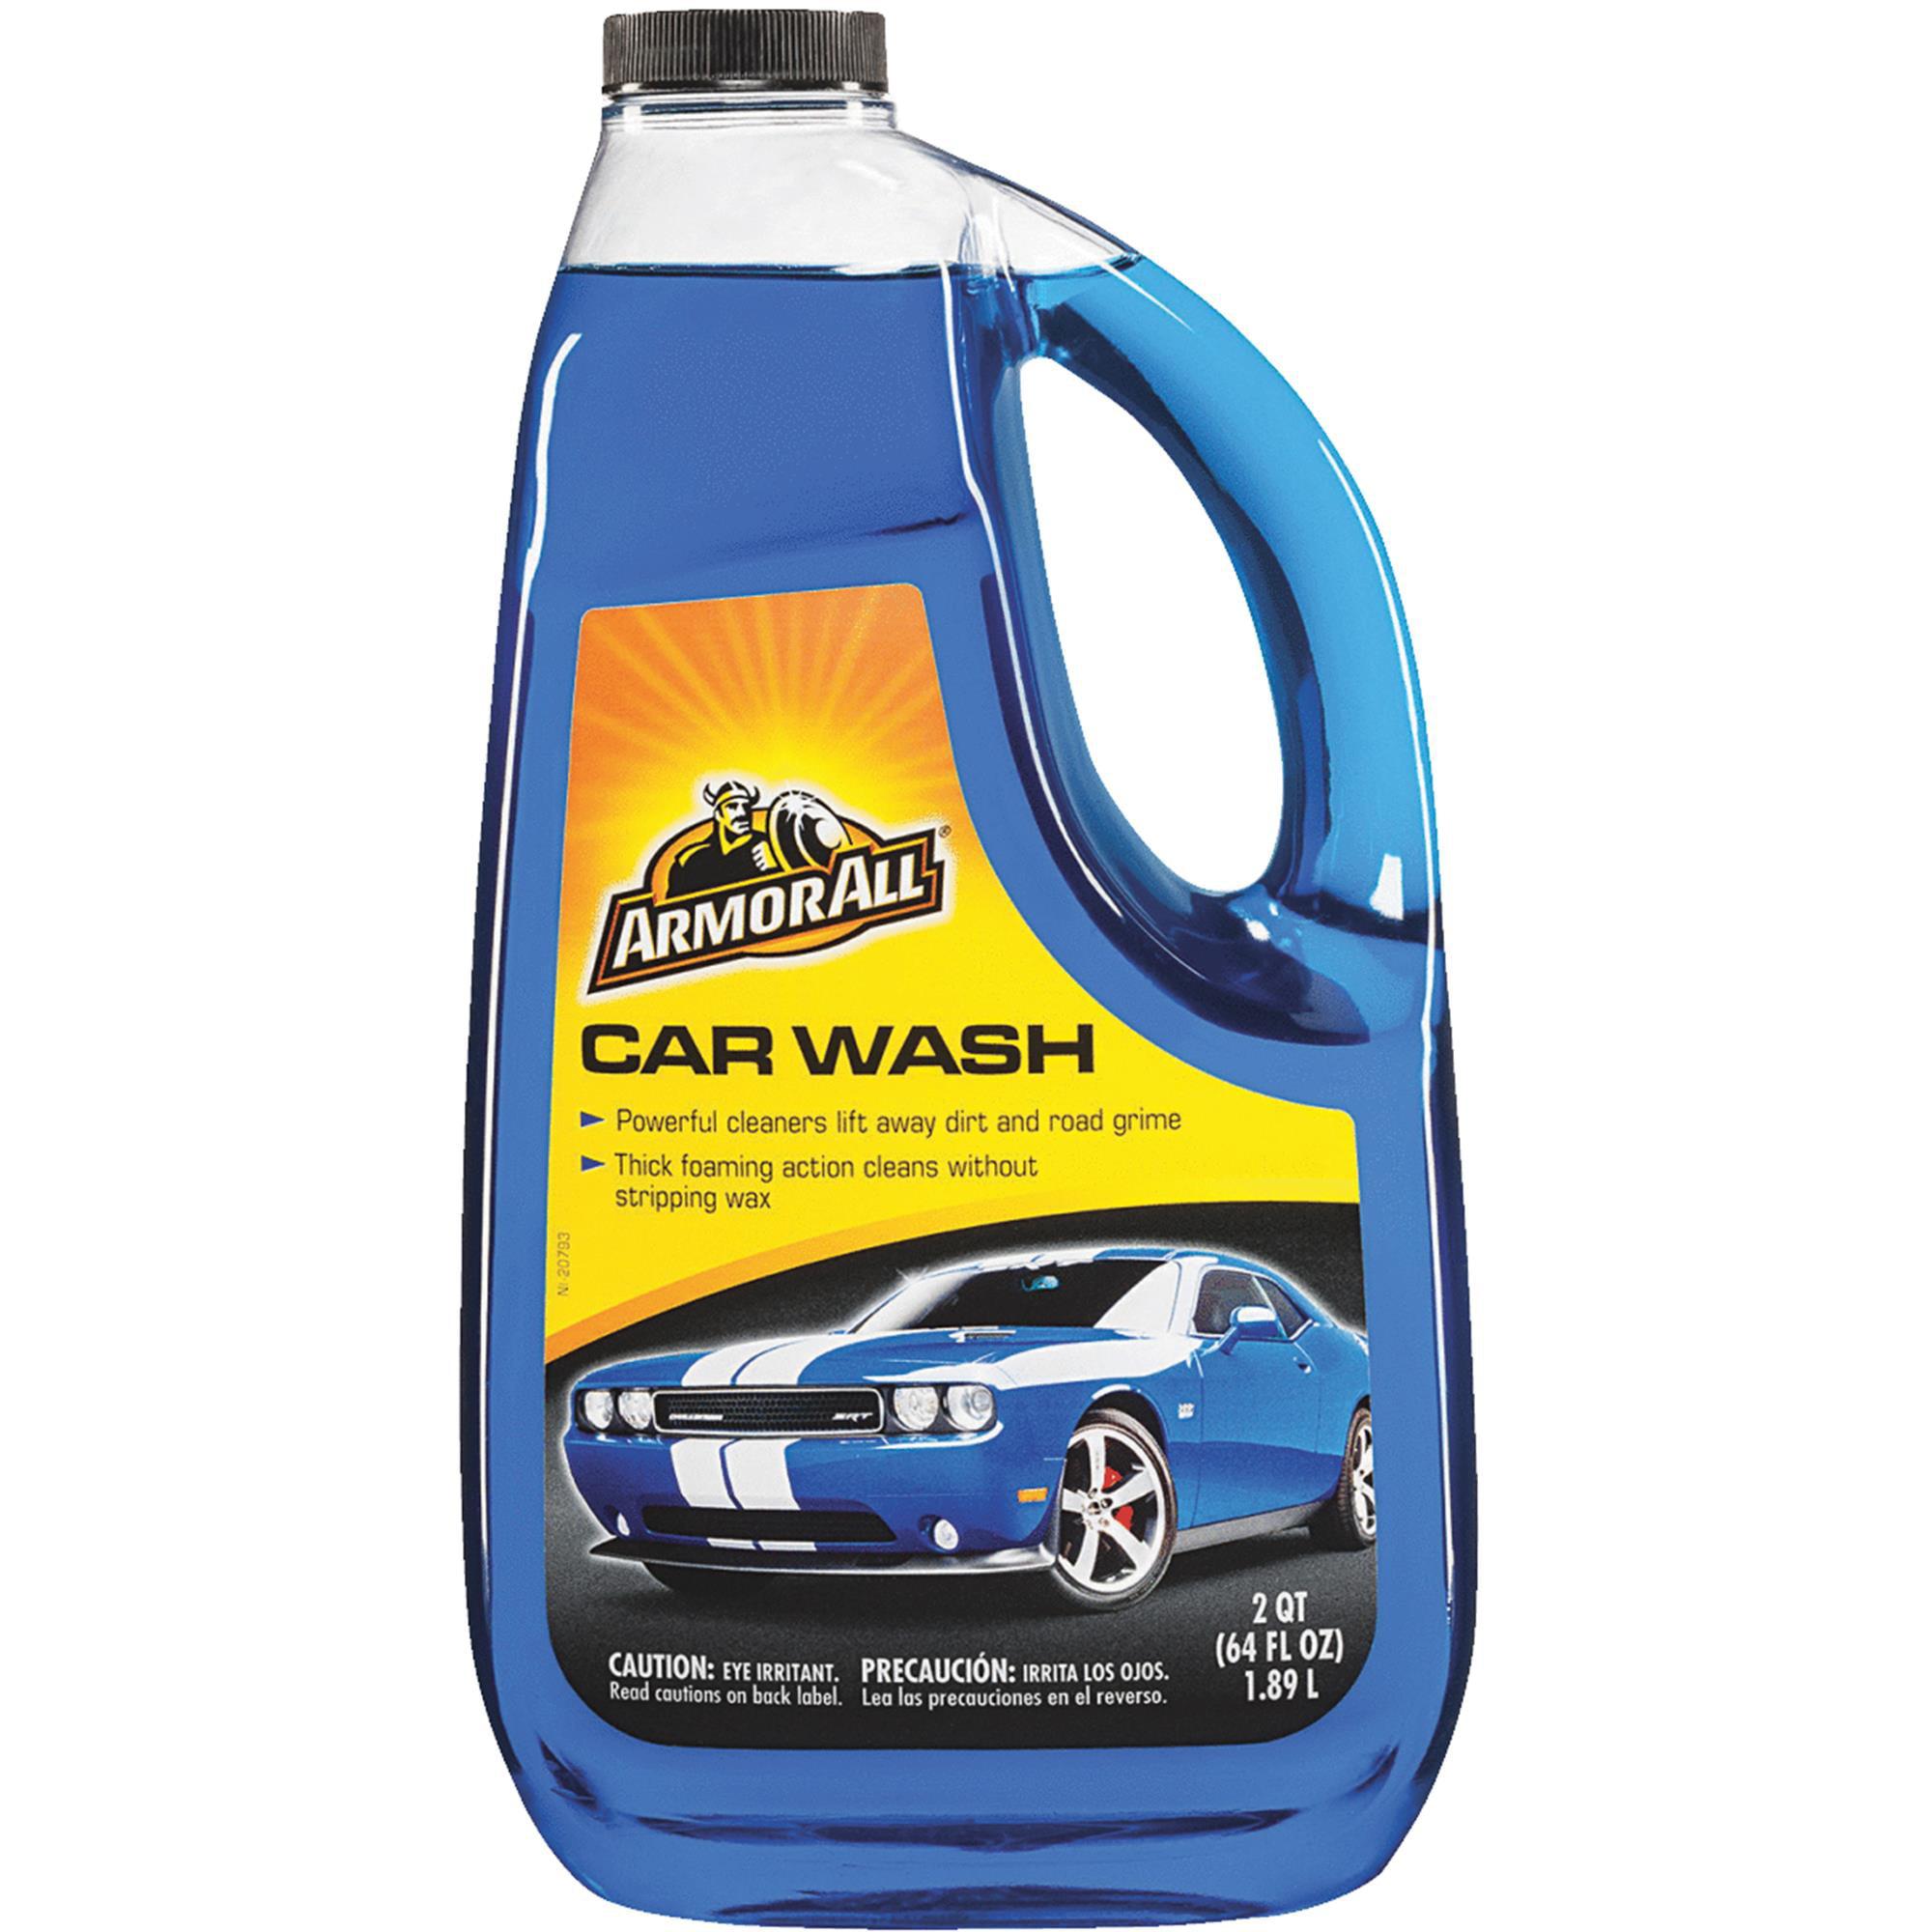 Armor All Car Wash, 64 fluid ounces, 17450, Auto Detailing